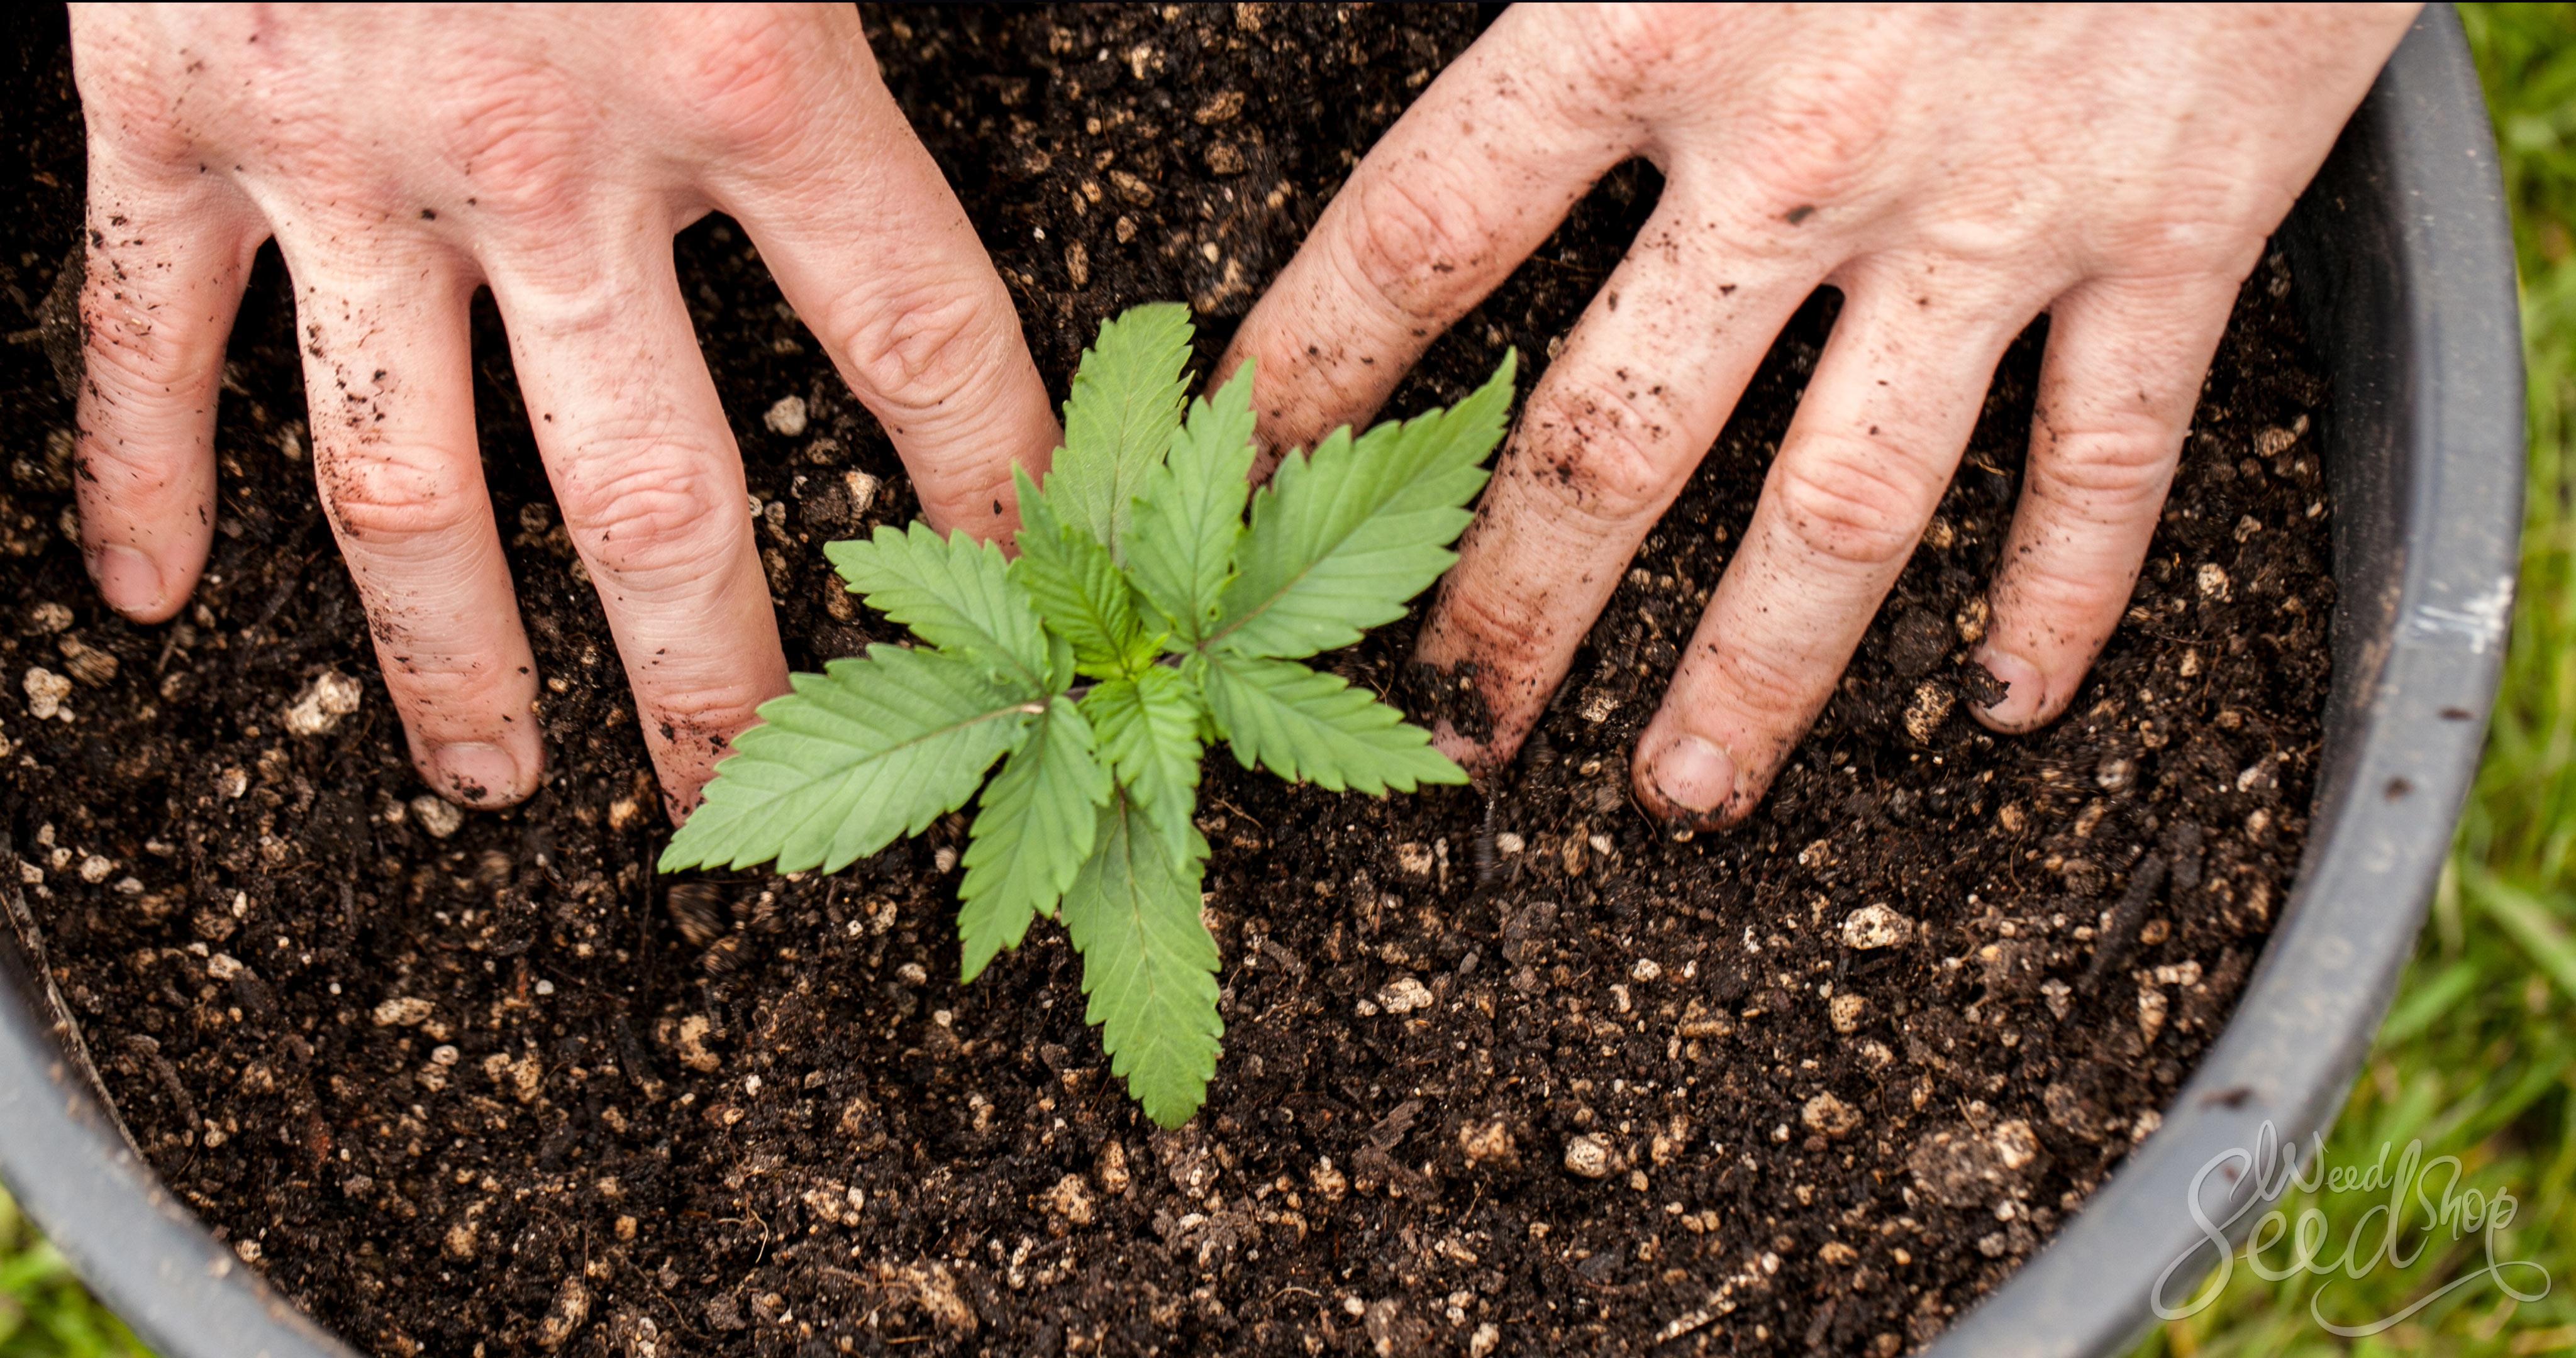 Wie man eine Marihuana-Pflanze umtopft